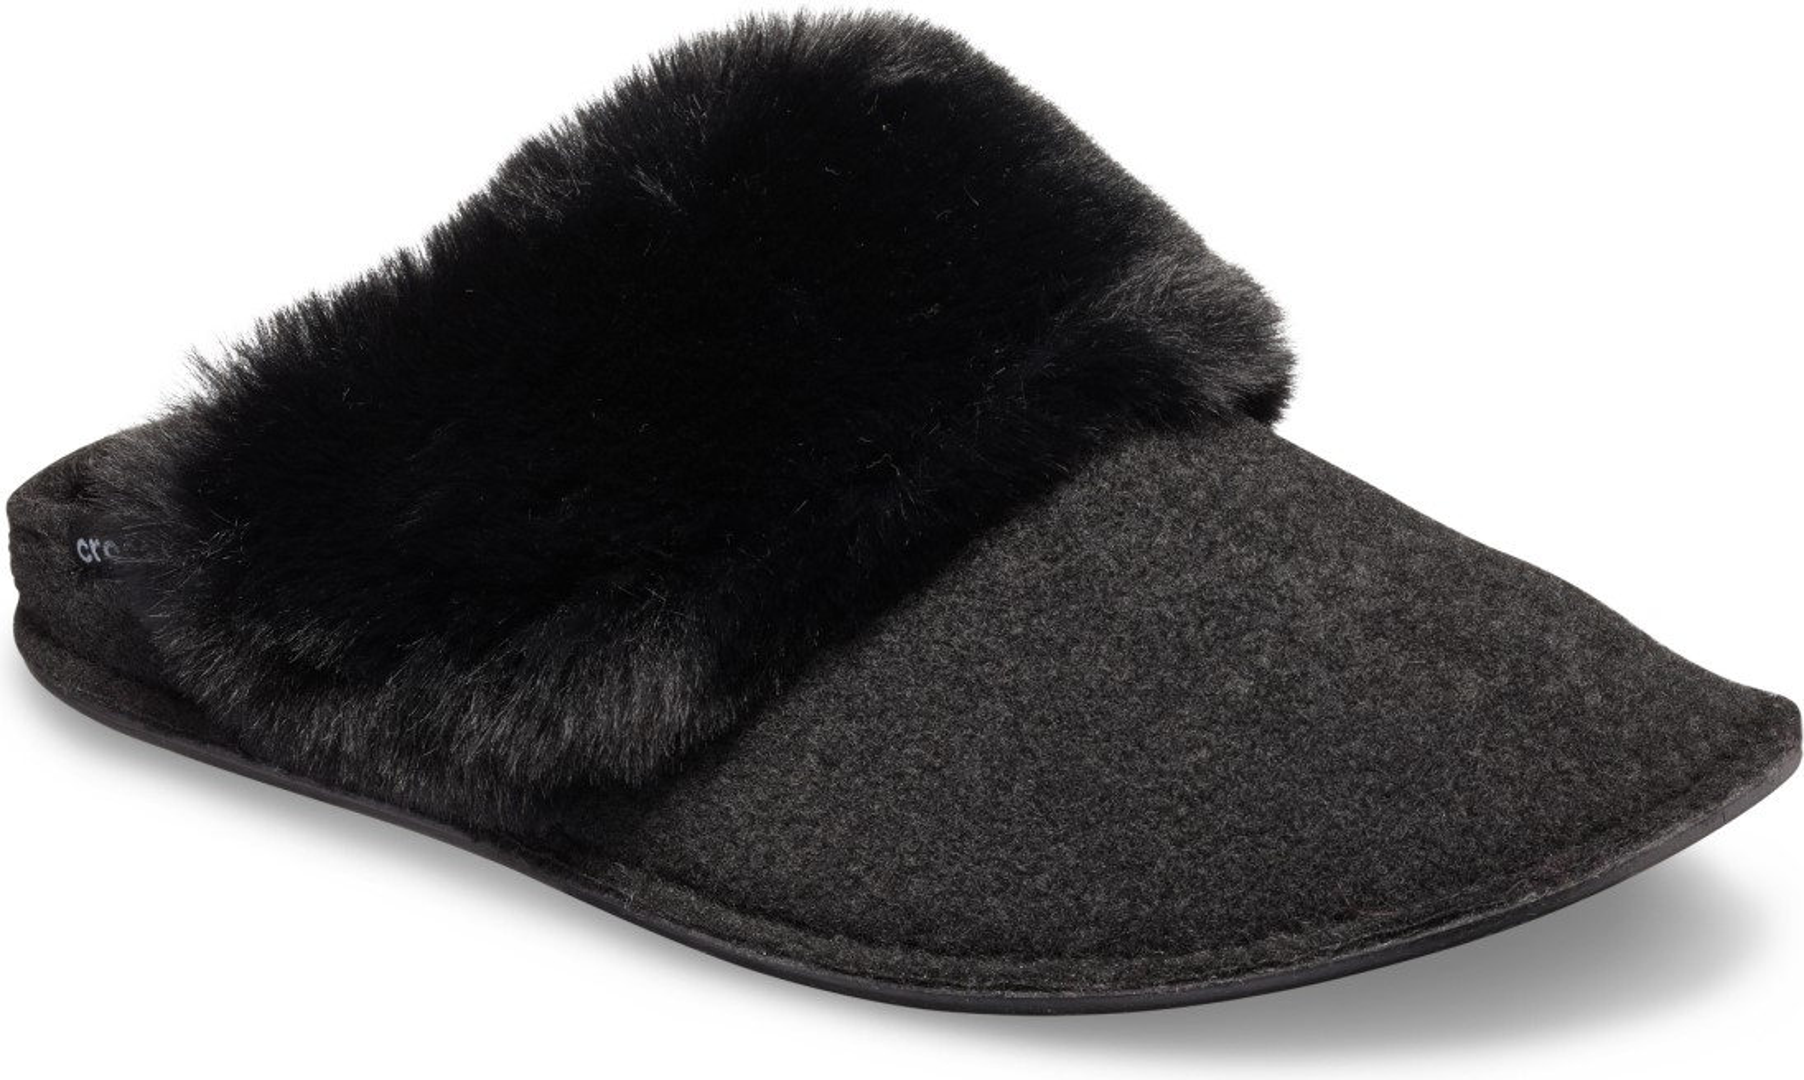 1f79986ce6 Unisex papuče Crocs CLASSIC LUXE Slipper čierna 41-42